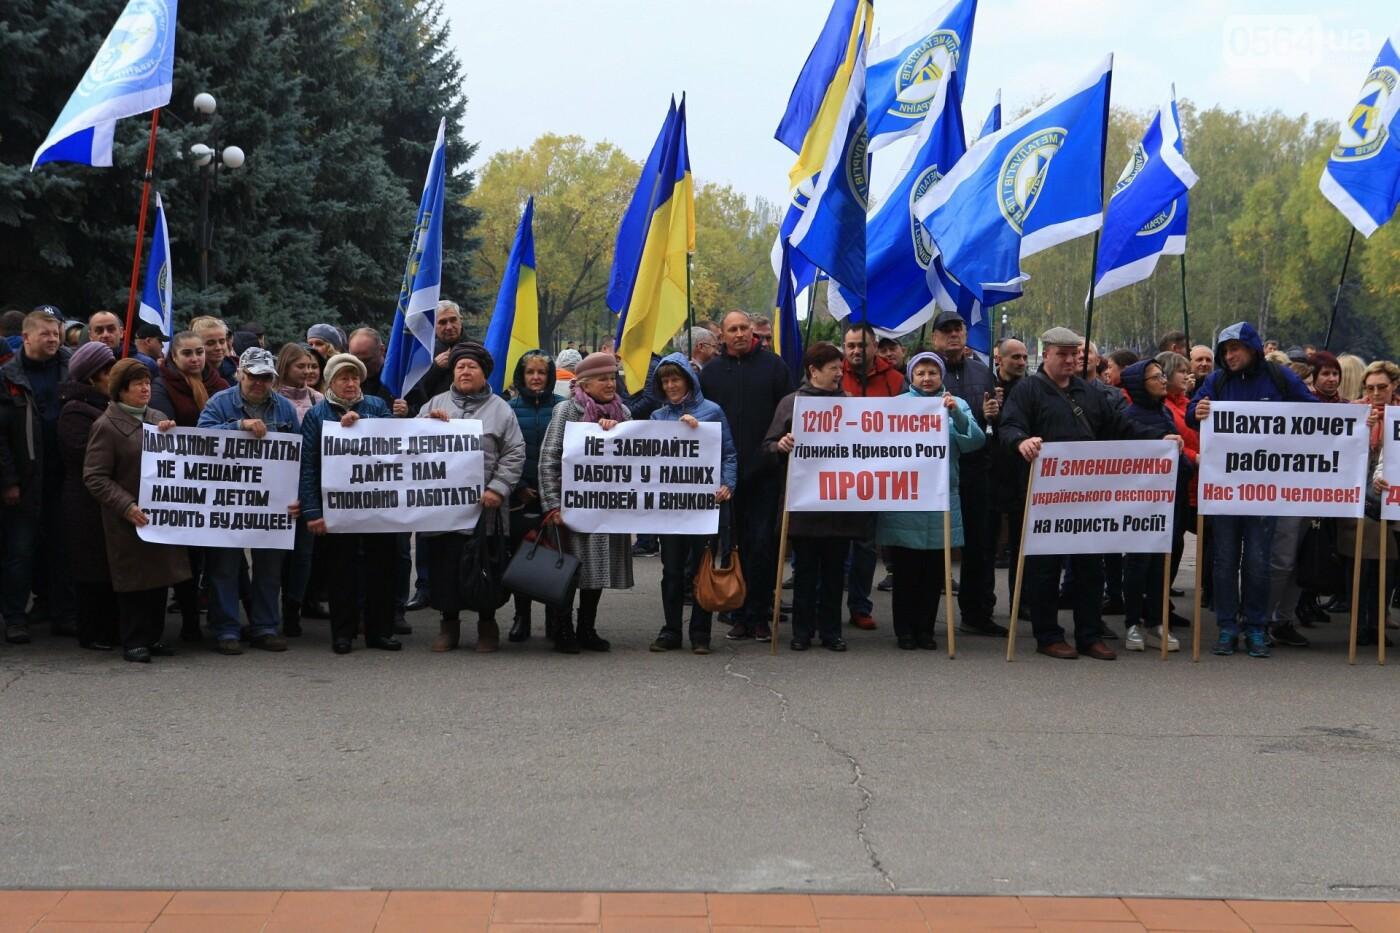 Работники криворожских промпредприятий митинговали против принятия кабального закона №1210, фото-2